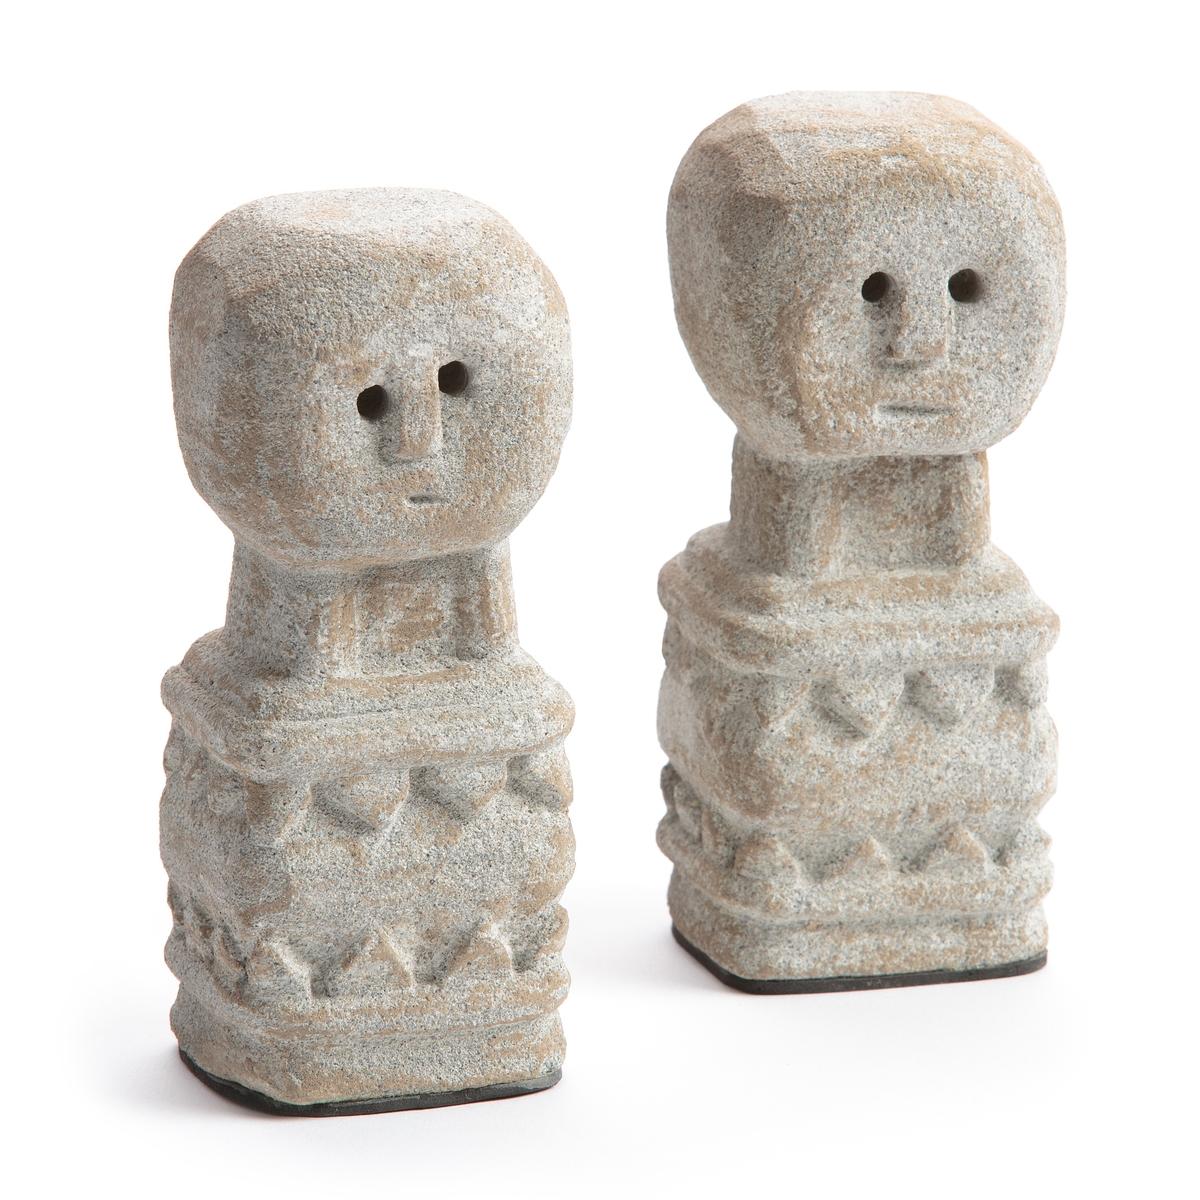 2 статуэтки из камня Выс15 см, Aph?lie2 статуэтки Aph?lie . По традиции островов Тимор, эти статуэтки размещают на верхнюю часть дома для его защиты . В ваш интерьер они привнесут нотку экзотики и шика . Из камня, покрытого светлым порошком . Размеры : L6 x H15 x P6 см .<br><br>Цвет: каштановый